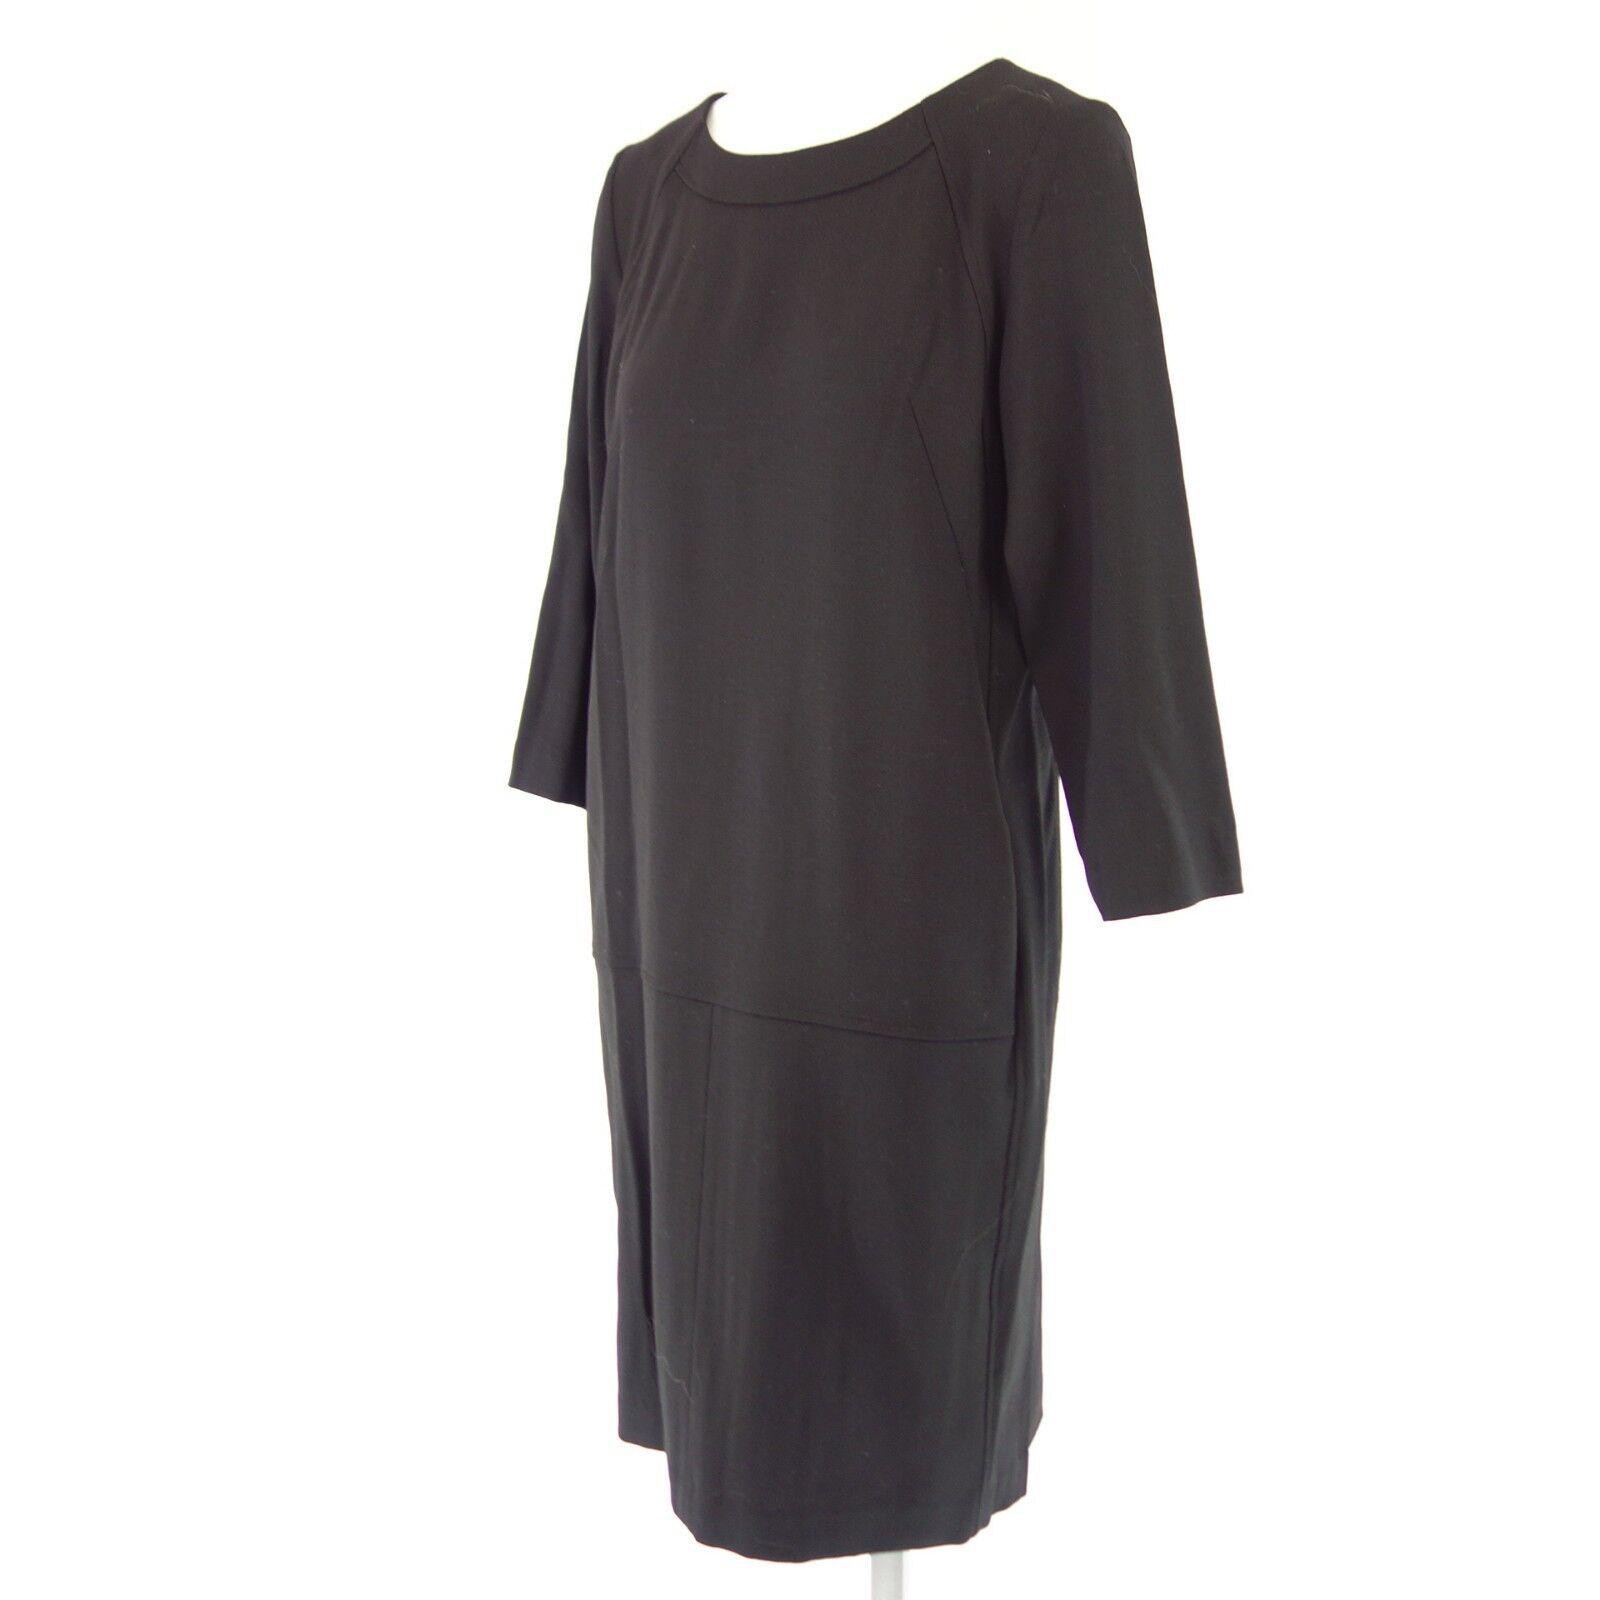 Rosso35 Vestito Donna S2963v It 42 De 36 Nero Nero Nero Tubino con Lana Np 389 Nuovo 9dd623